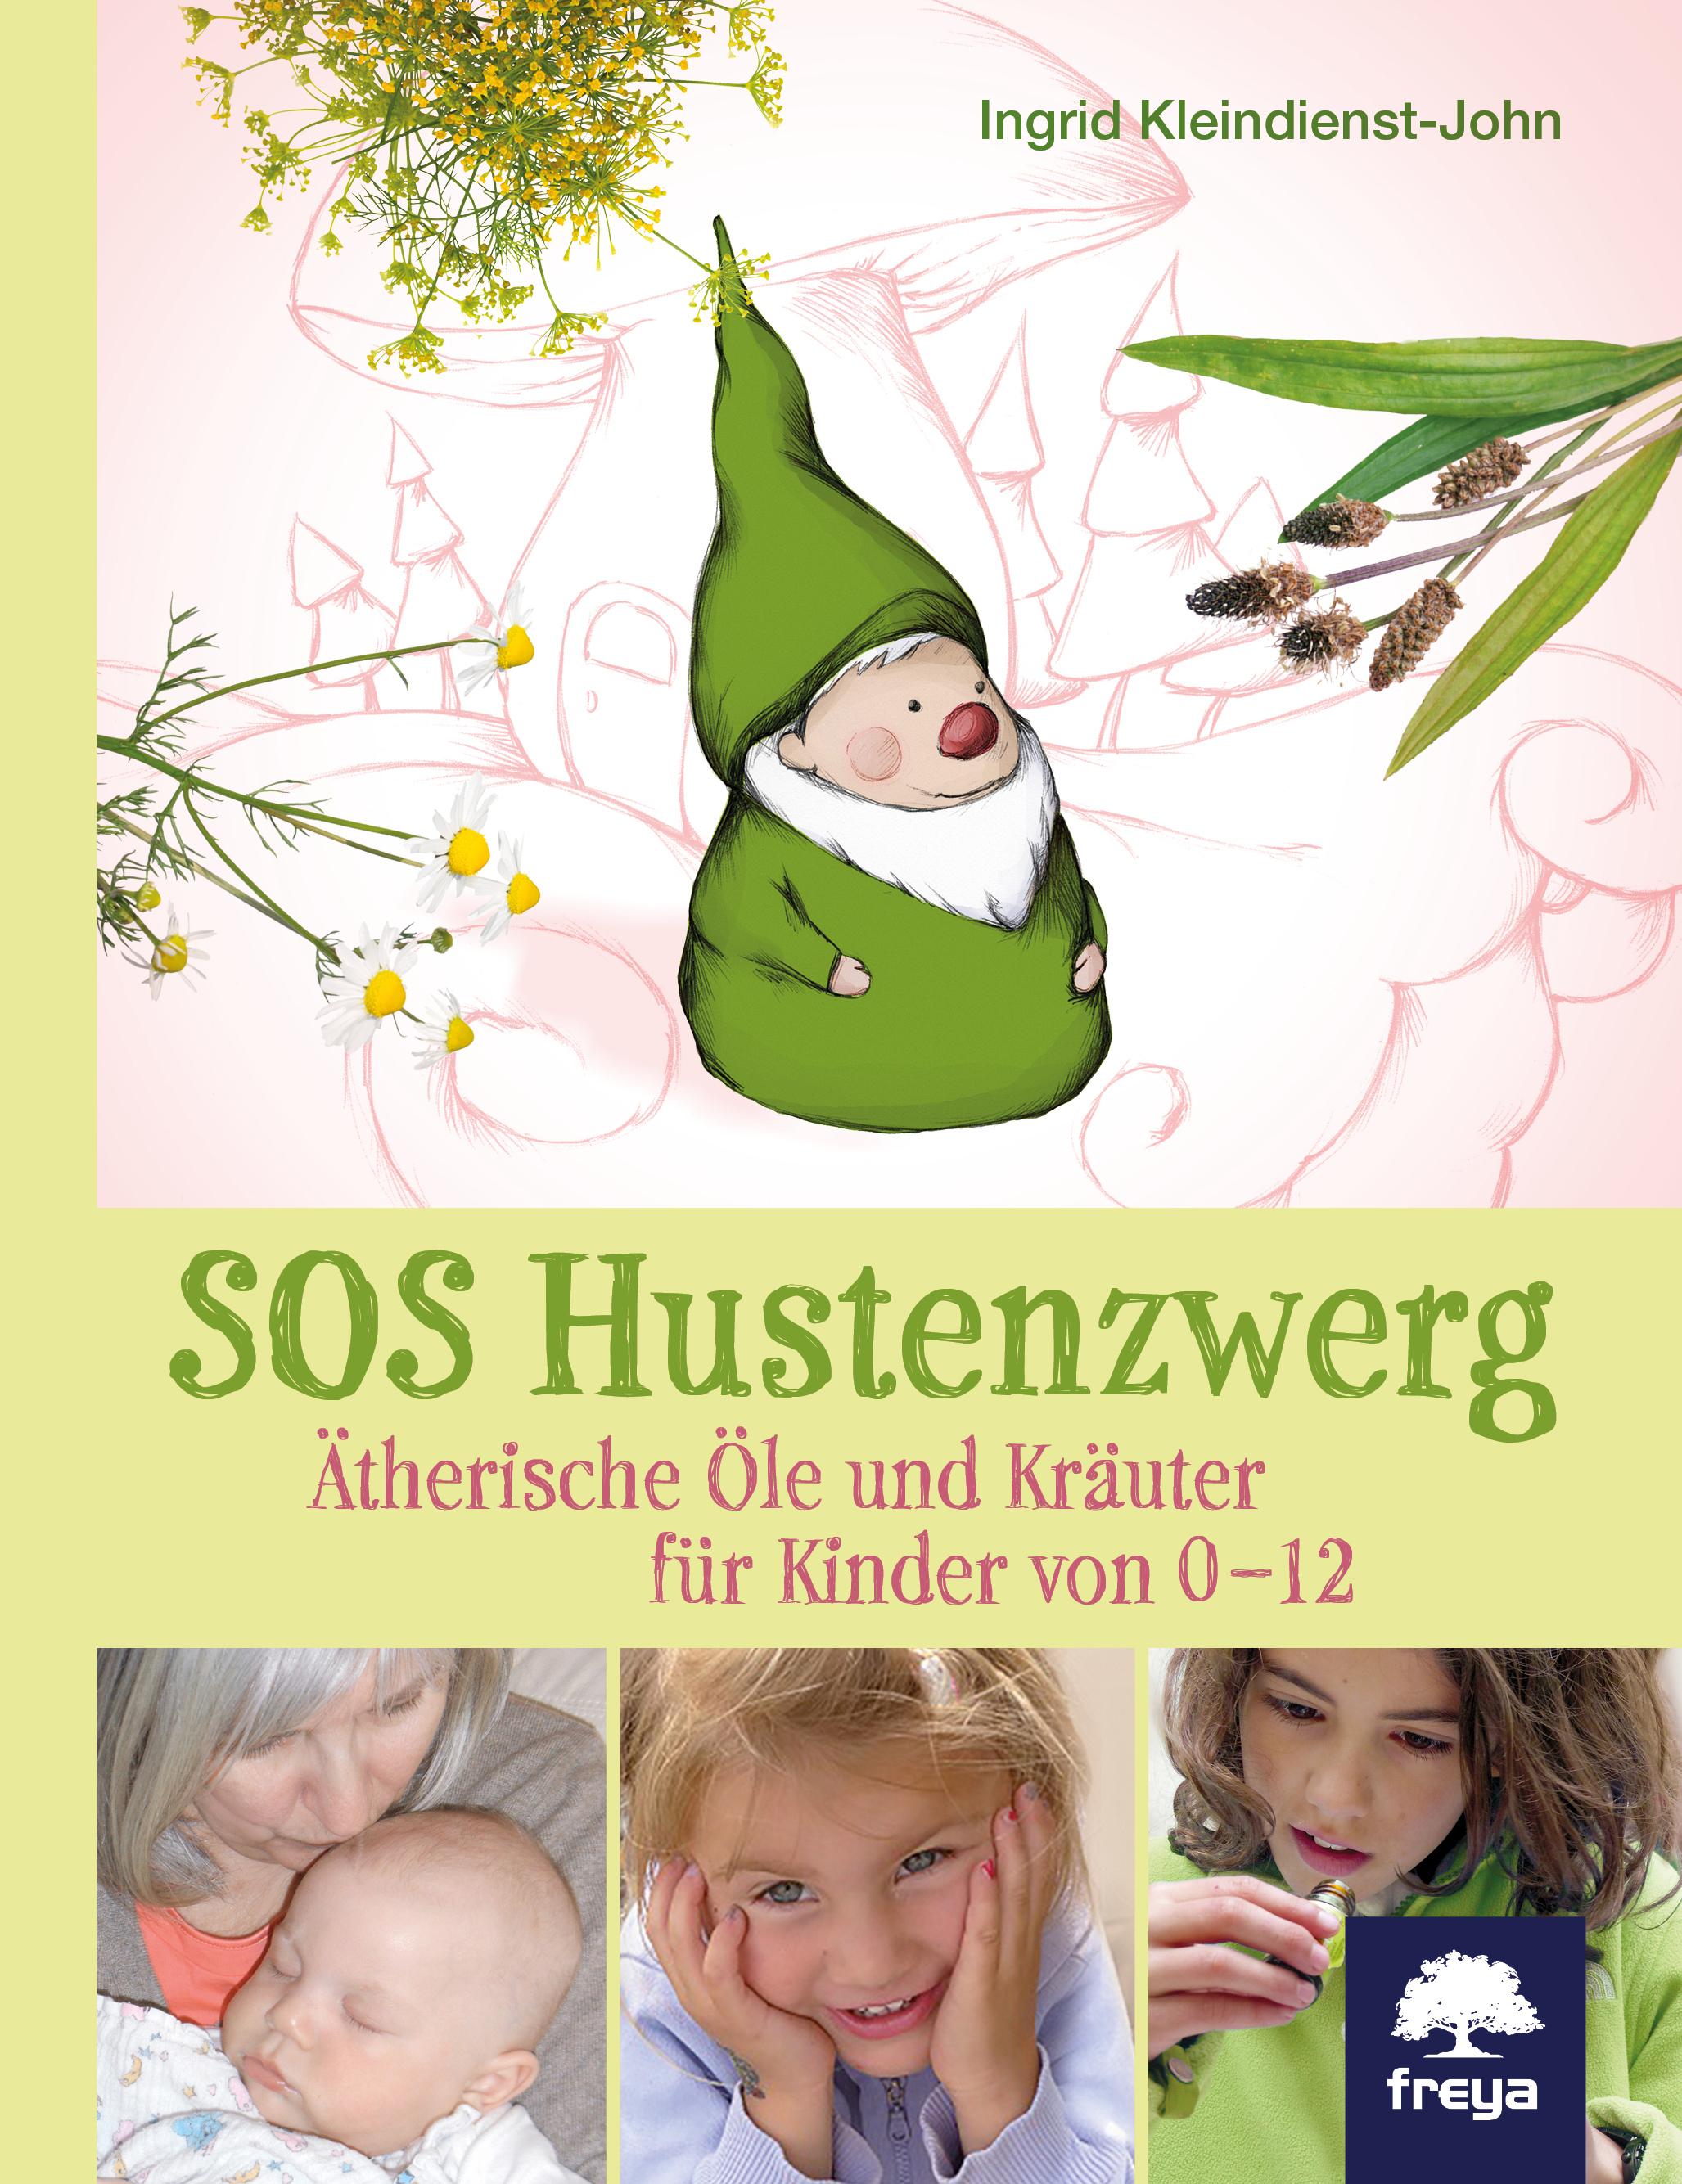 kleindienst_soshustenzwerg_cover.jpg